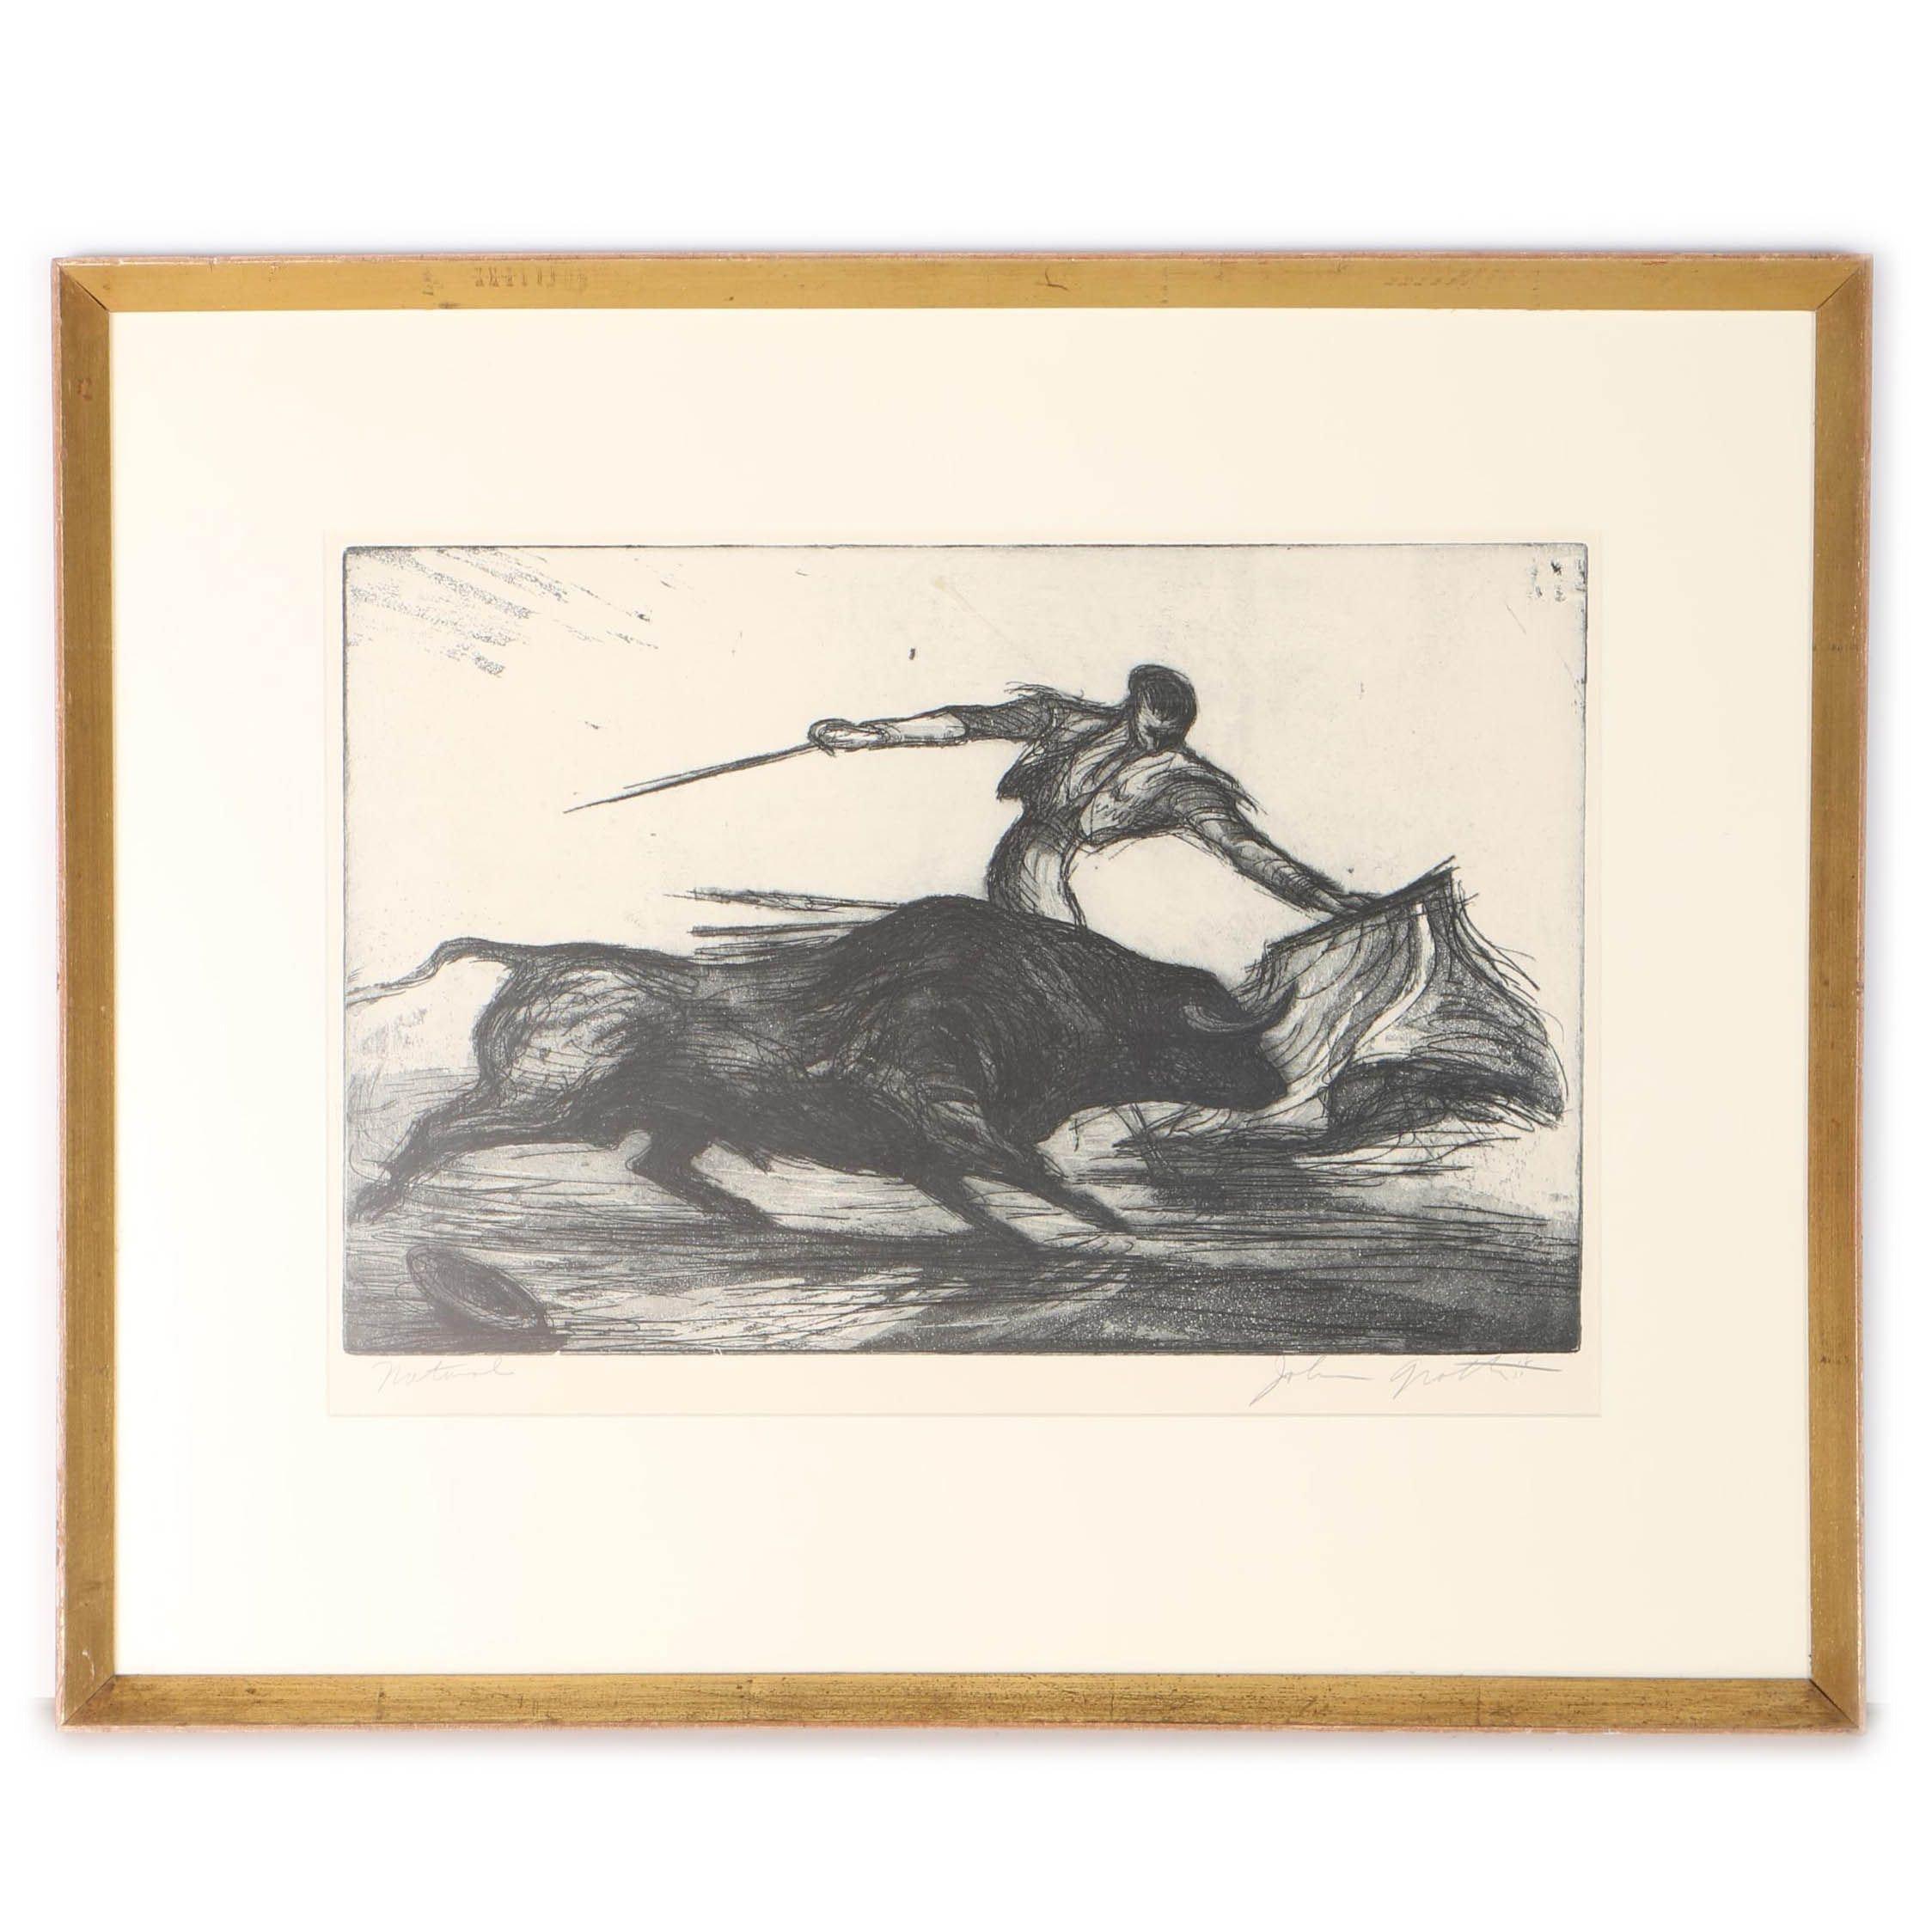 John Groth Aquatint Etching on Paper of a Matador